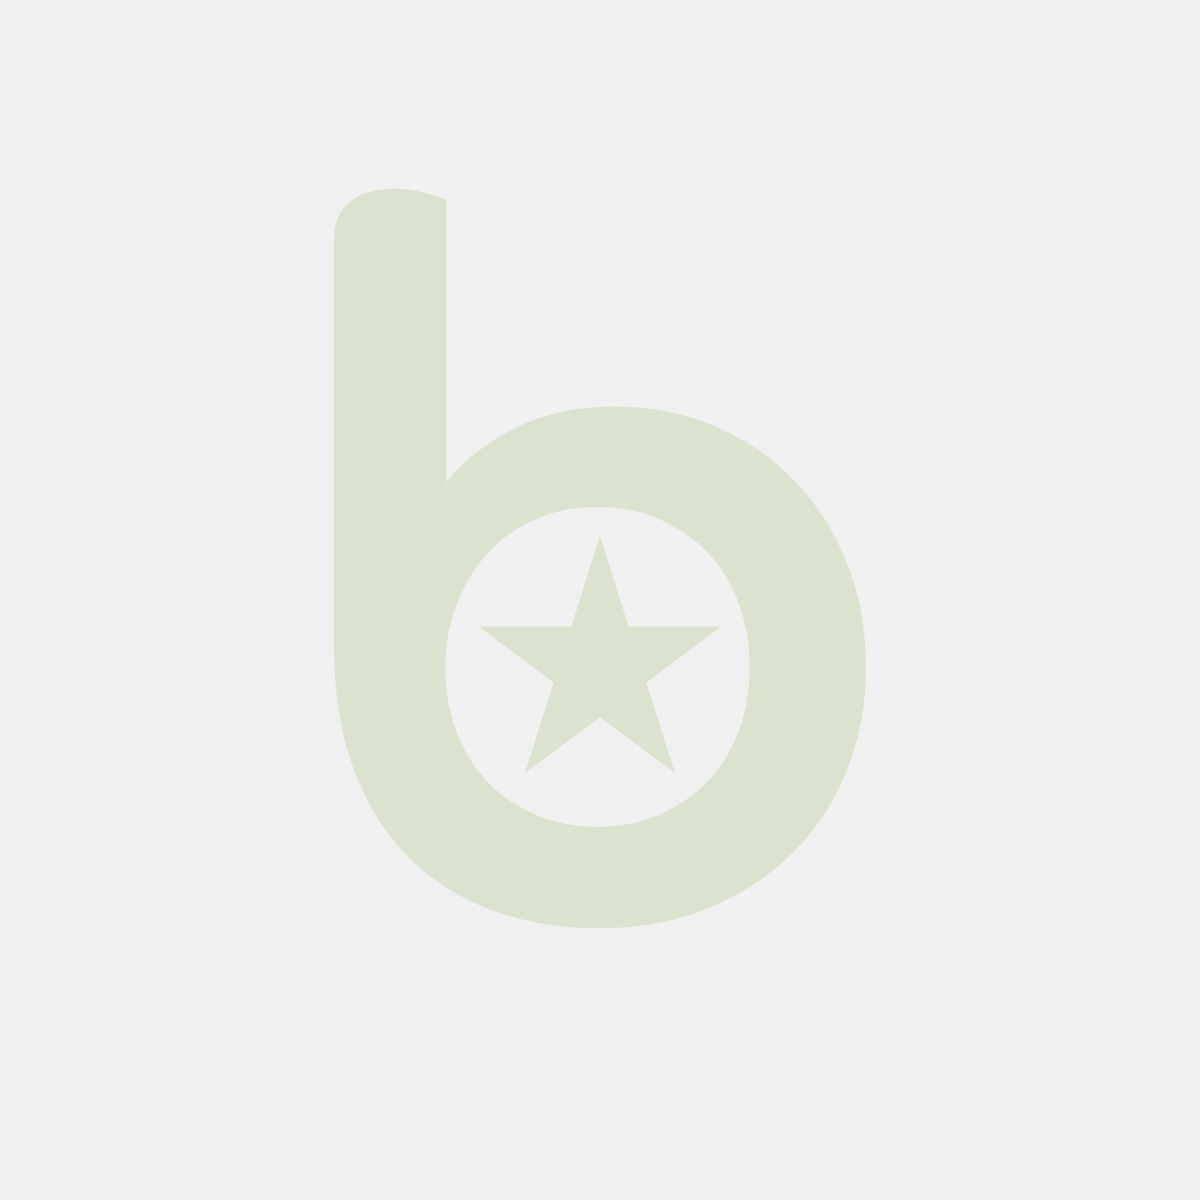 Talerz Biotrem średnica 20 cm z otrąb pszennych, opakowanie 50 szt.